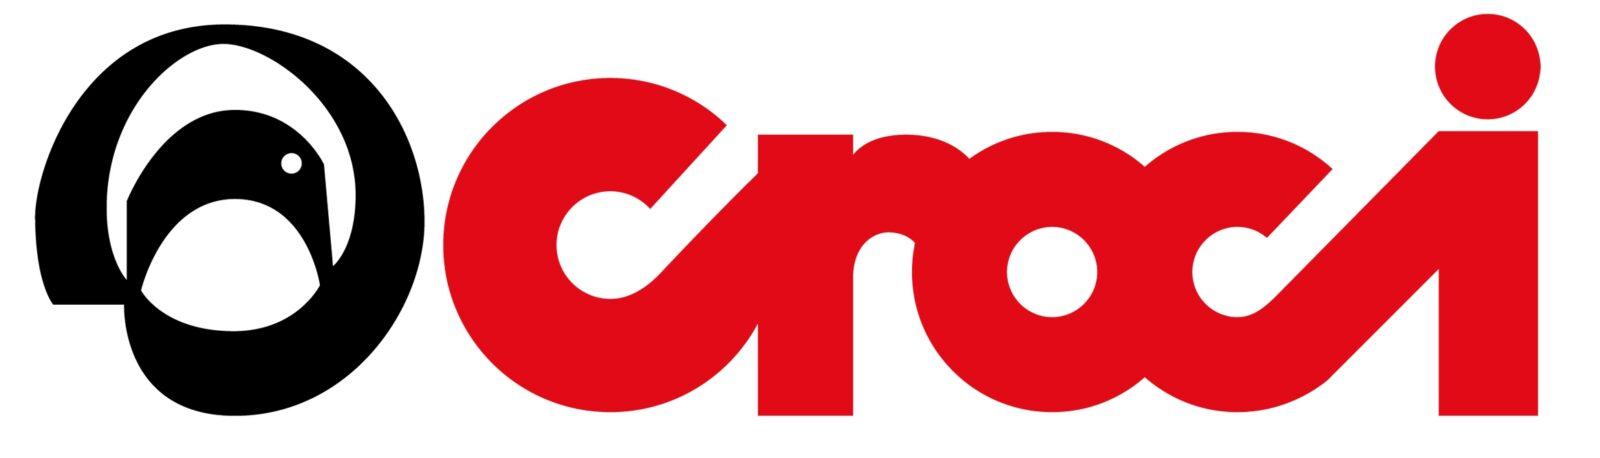 logo croci.0.1